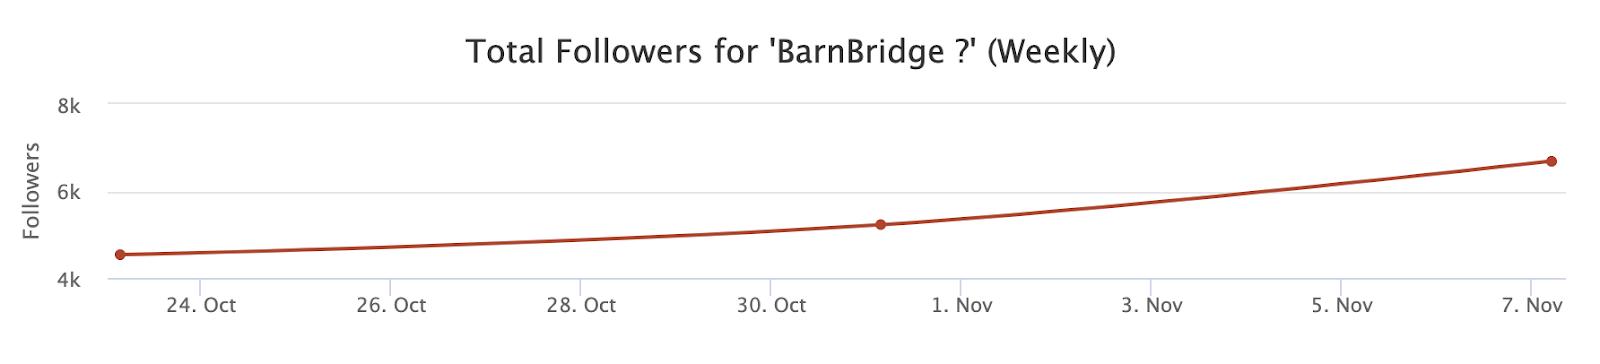 Total BarnBridge followers on Twitter (weekly)